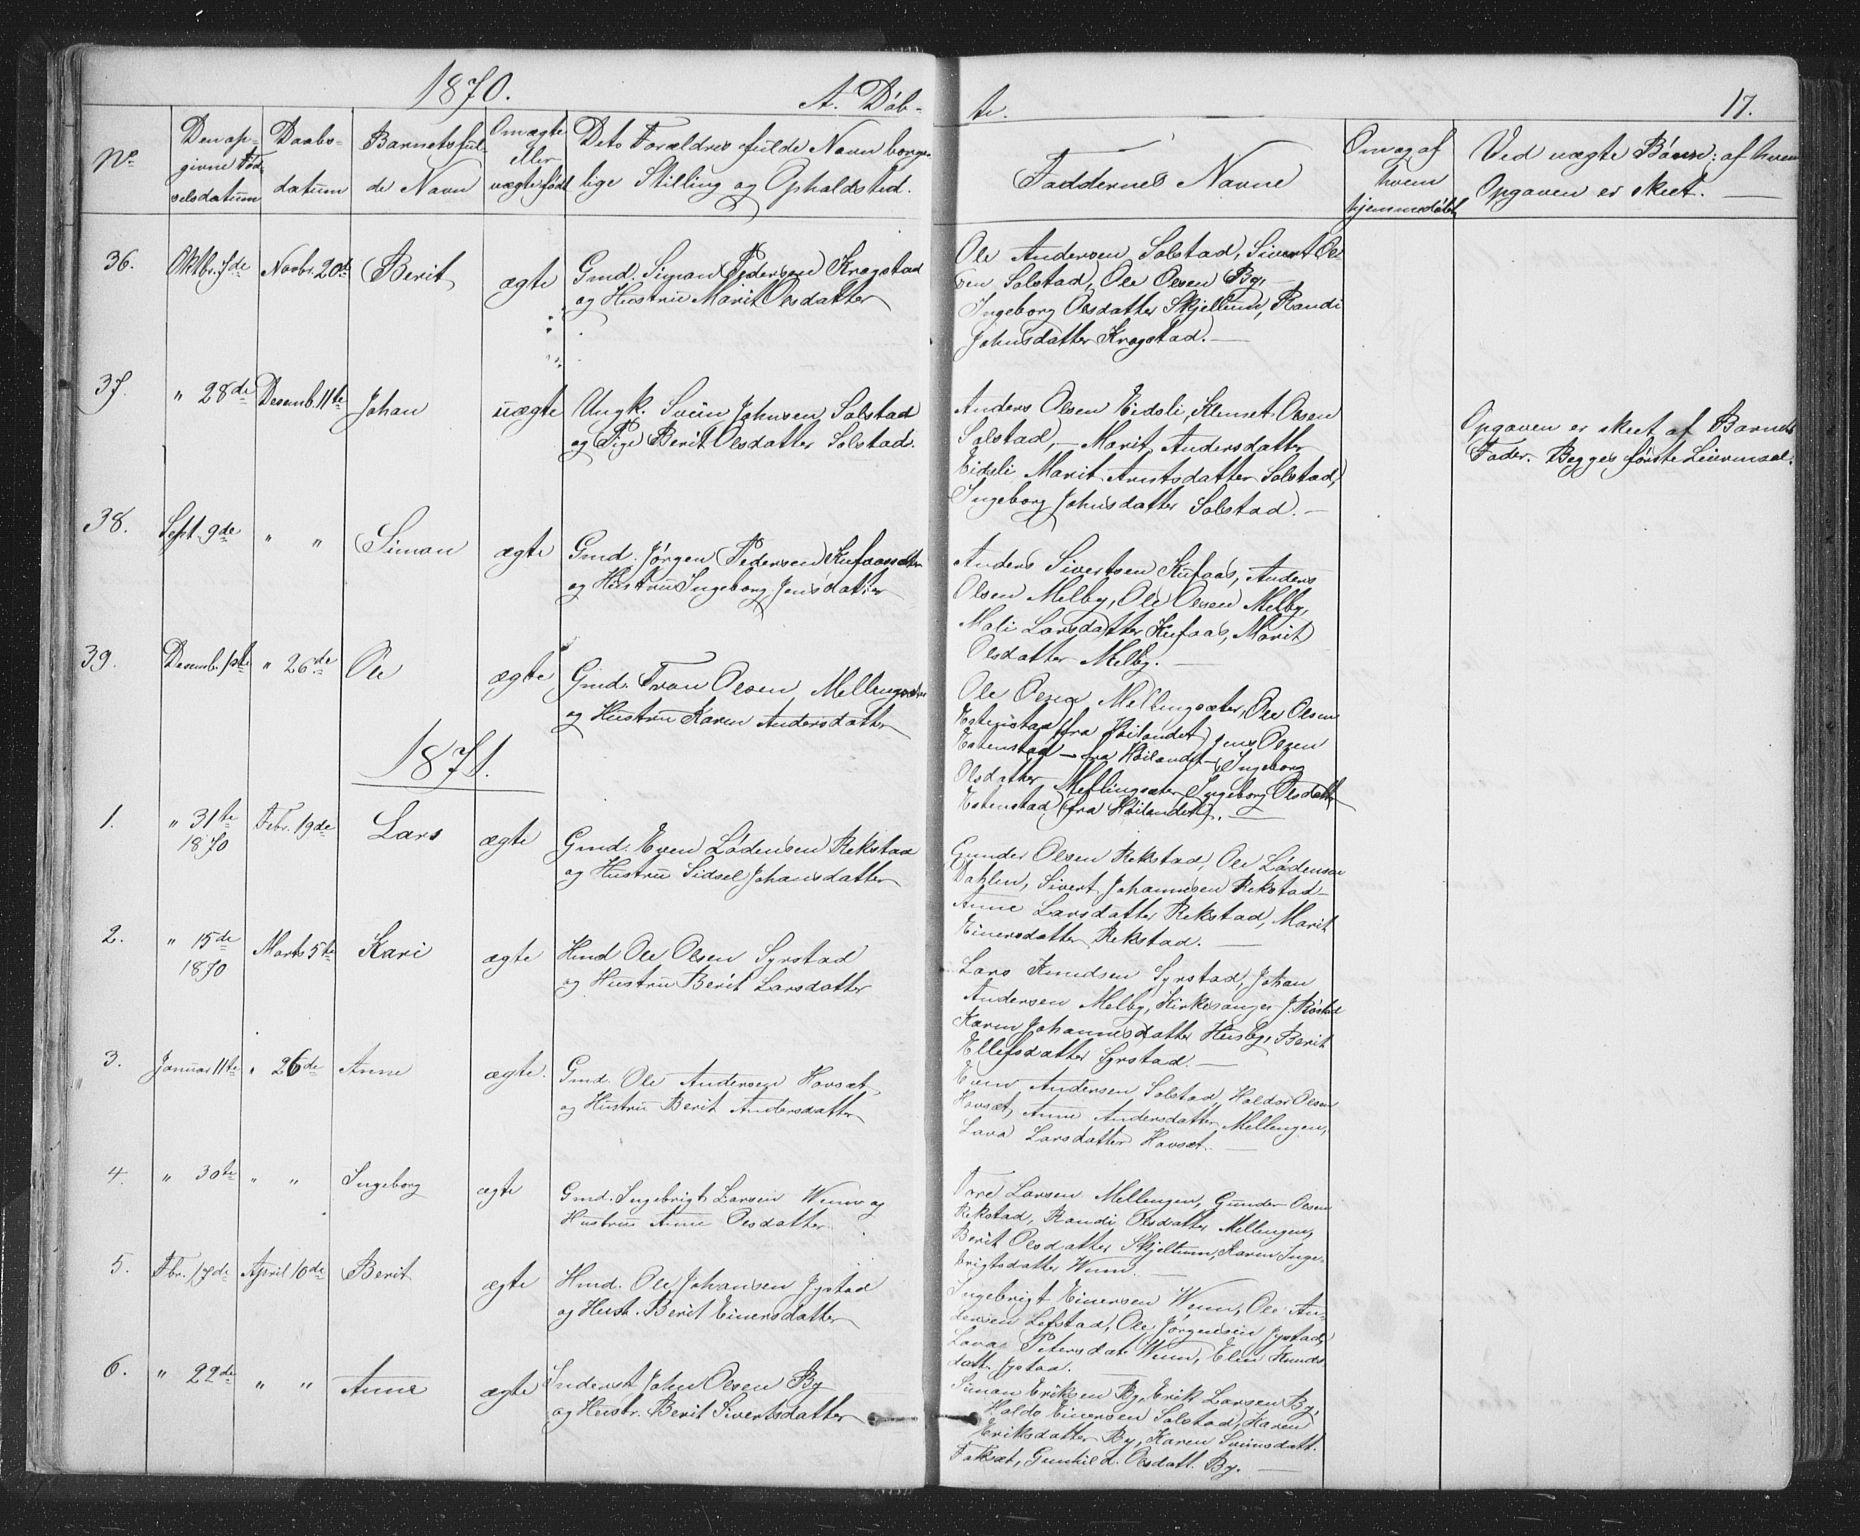 SAT, Ministerialprotokoller, klokkerbøker og fødselsregistre - Sør-Trøndelag, 667/L0798: Klokkerbok nr. 667C03, 1867-1929, s. 17